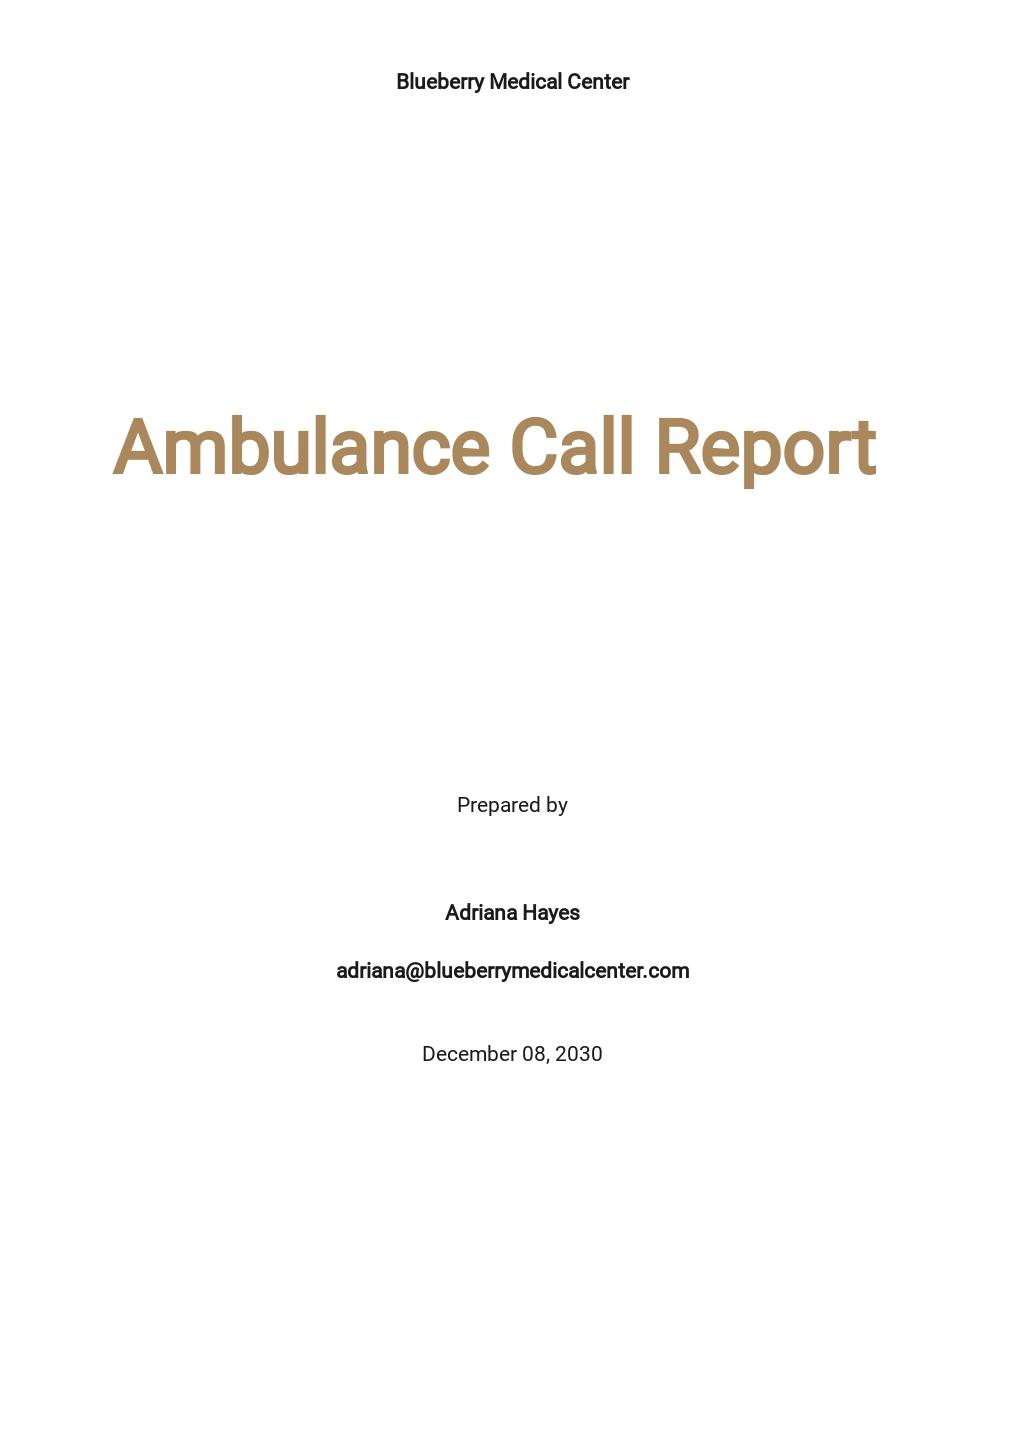 Free Ambulance Call Report Template.jpe